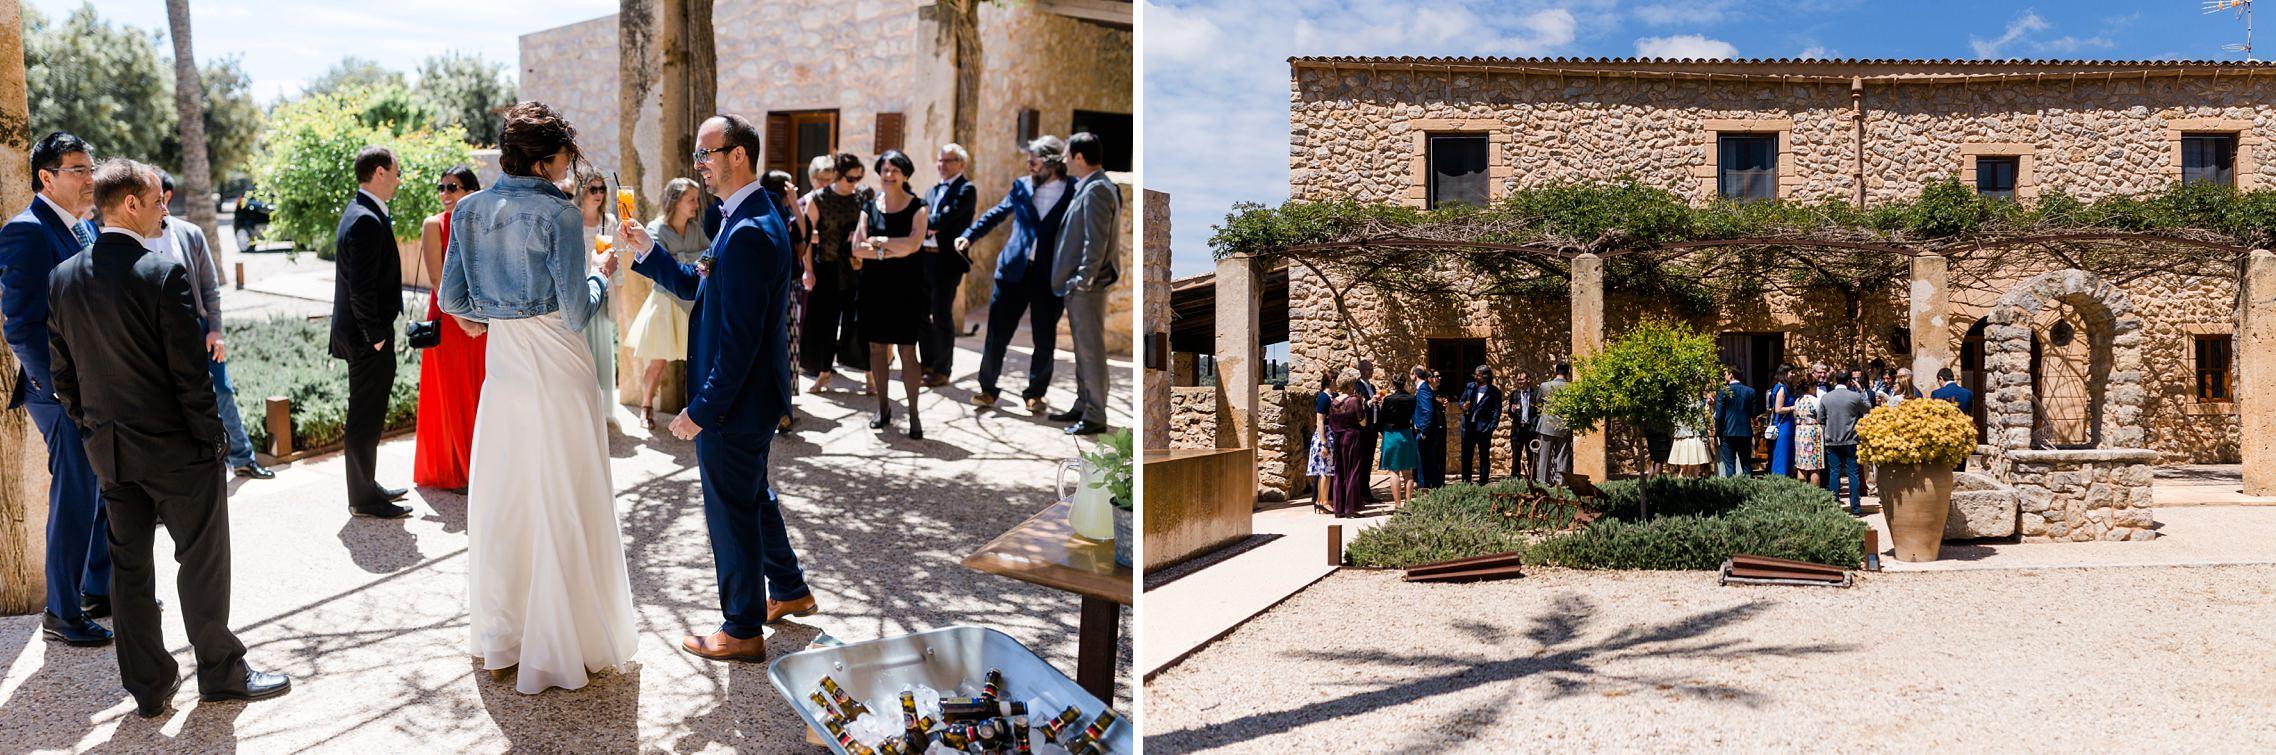 Das Hochzeitspaar begrüßt seine Gäste auf der Finca-Hochzeit